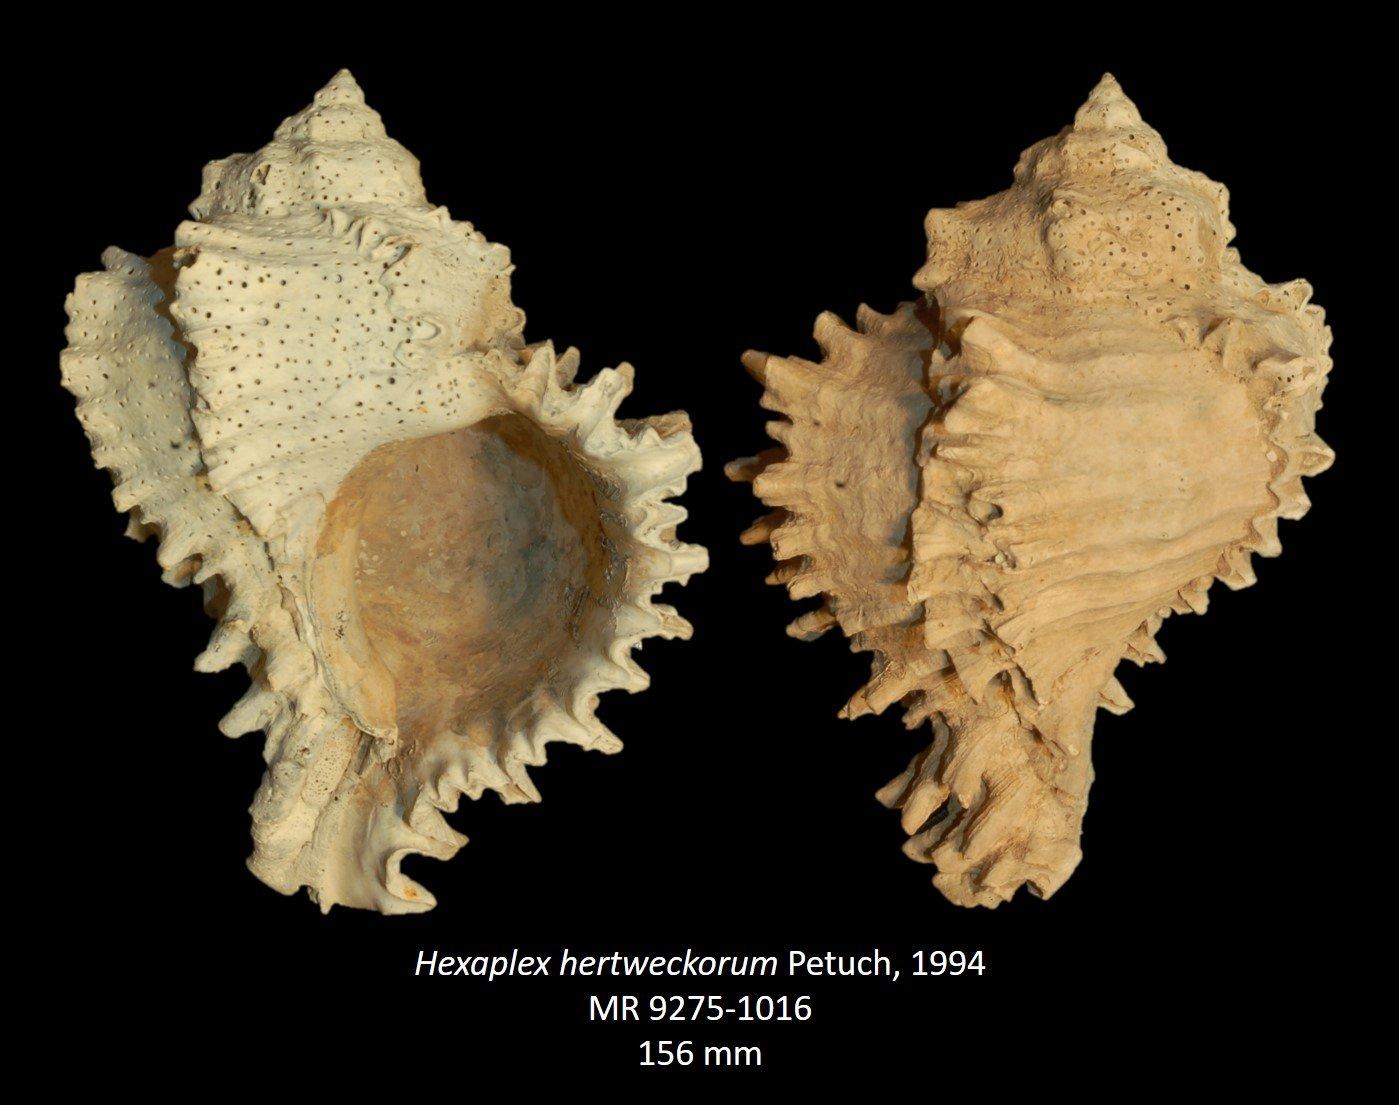 Hexaplex hertweckorum